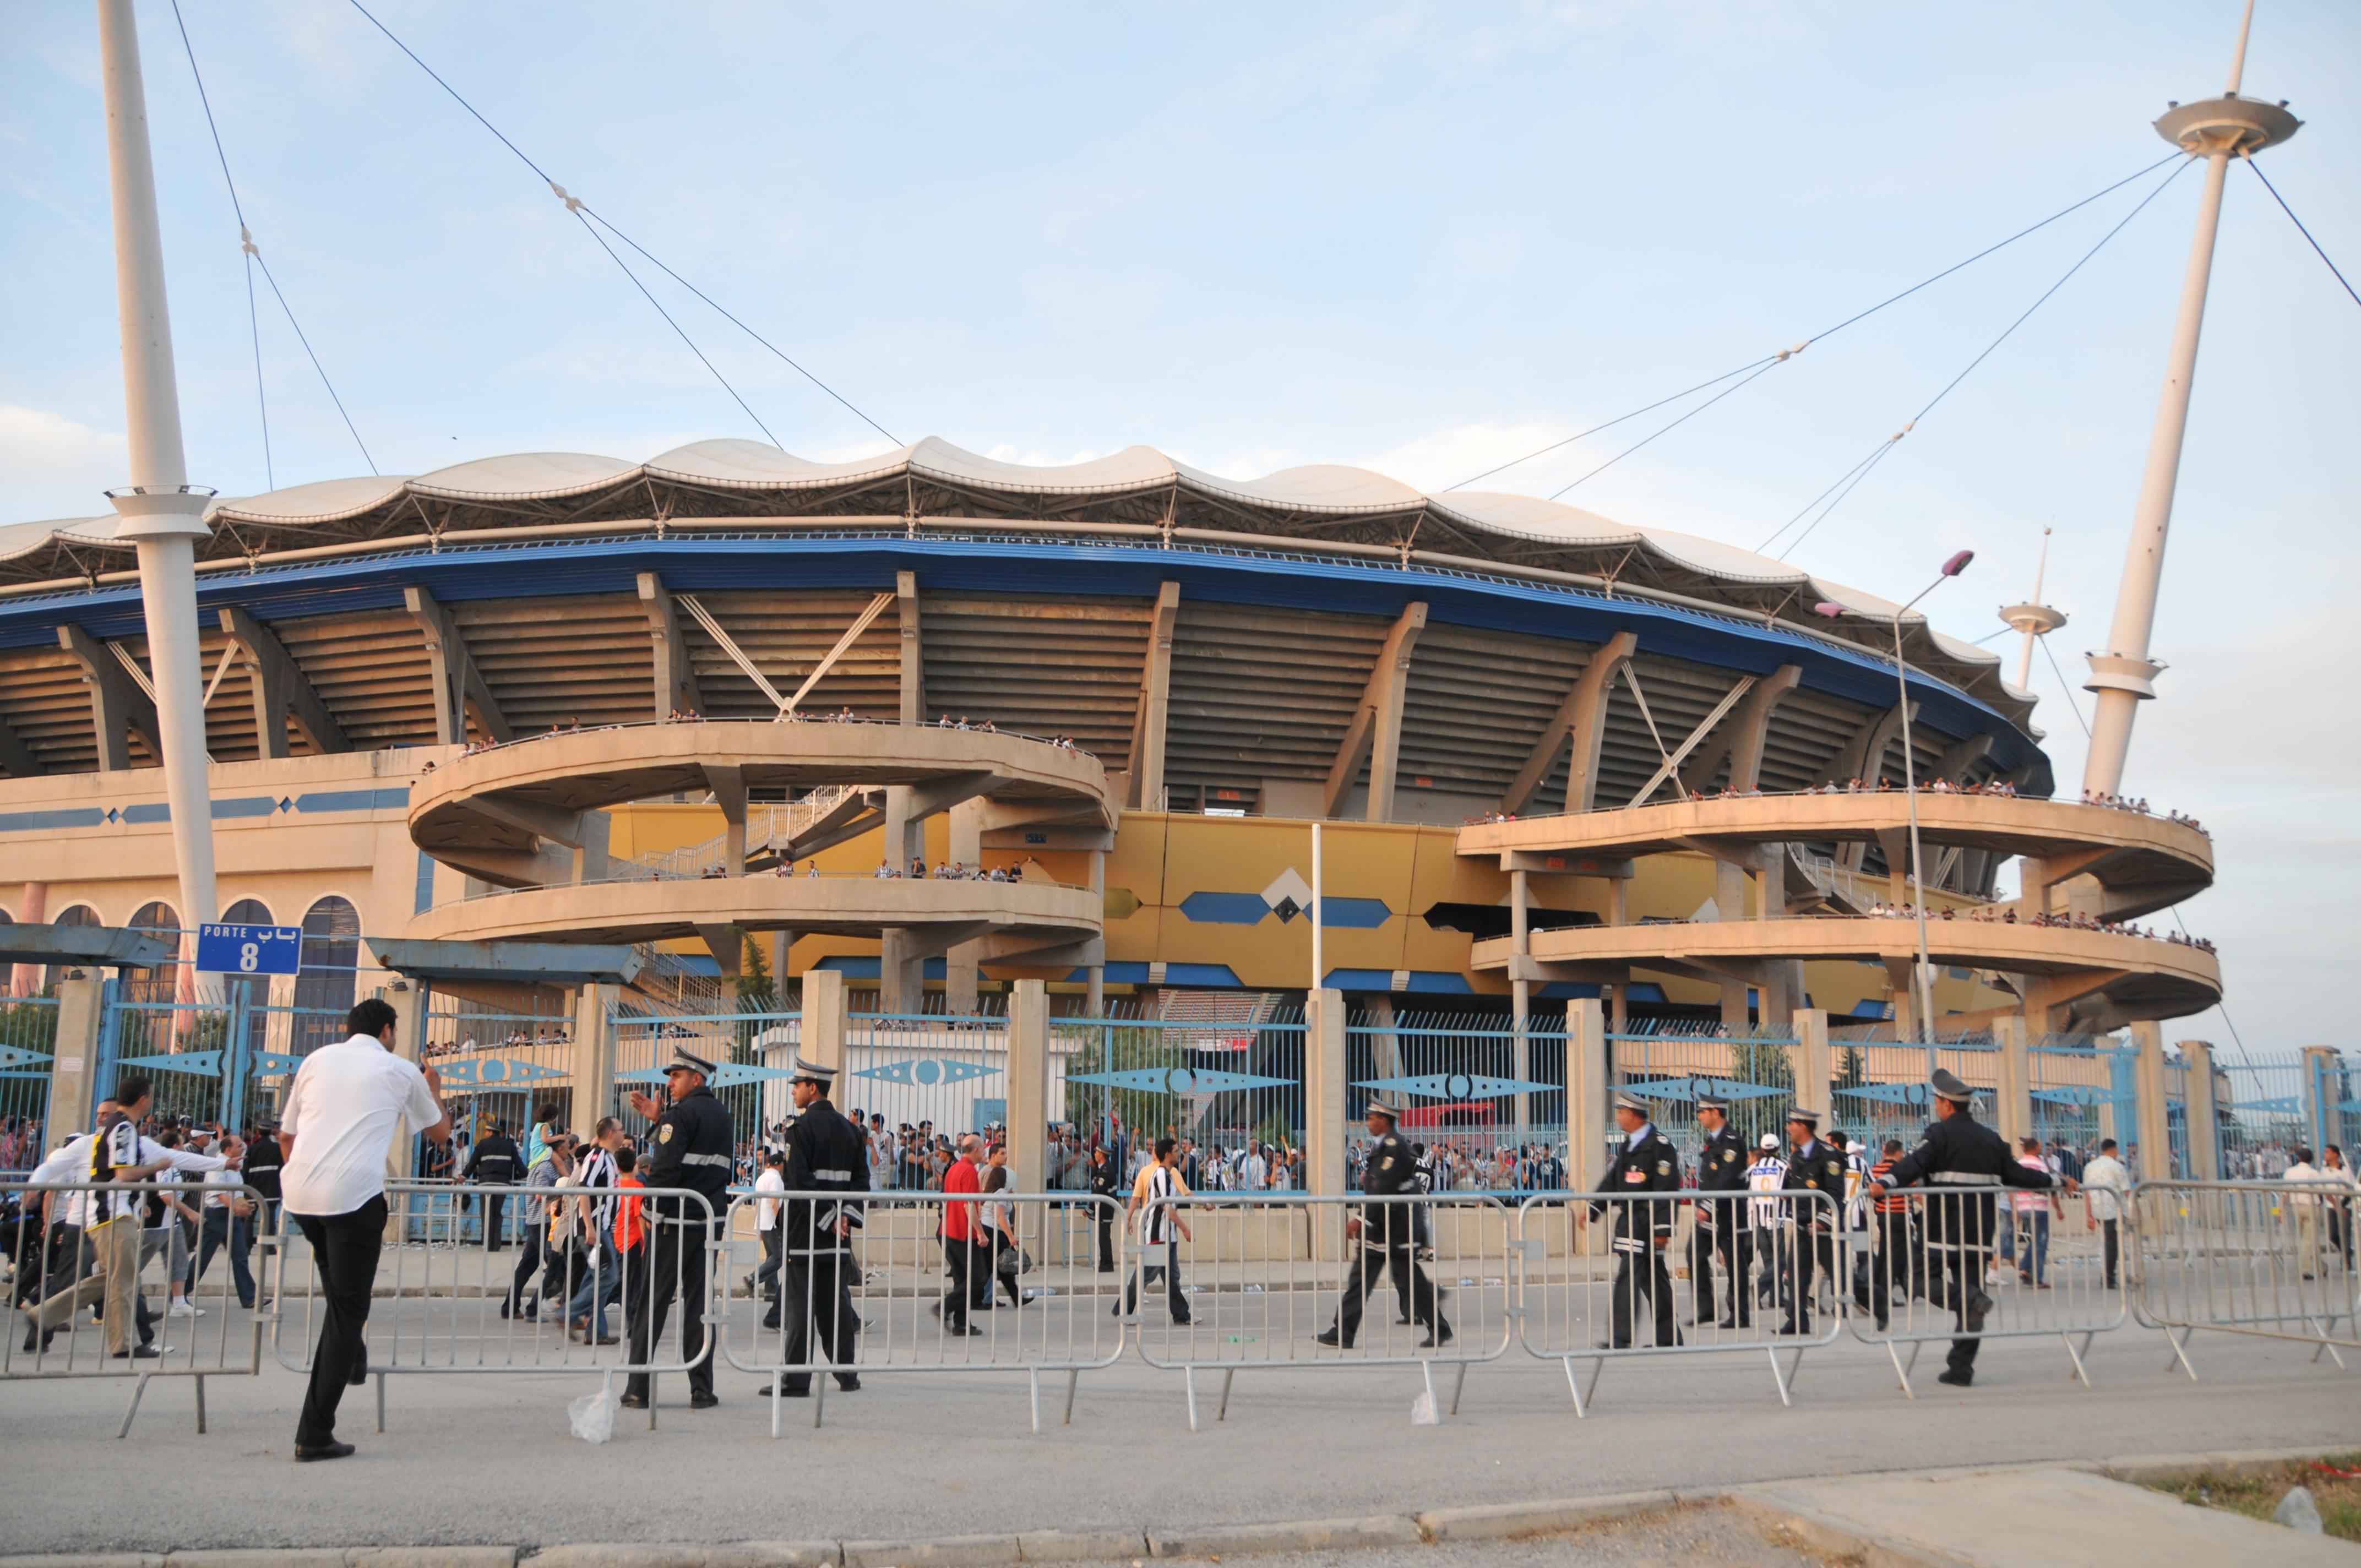 носящая имя стадионы туниса фото предлагает выгодные скидки